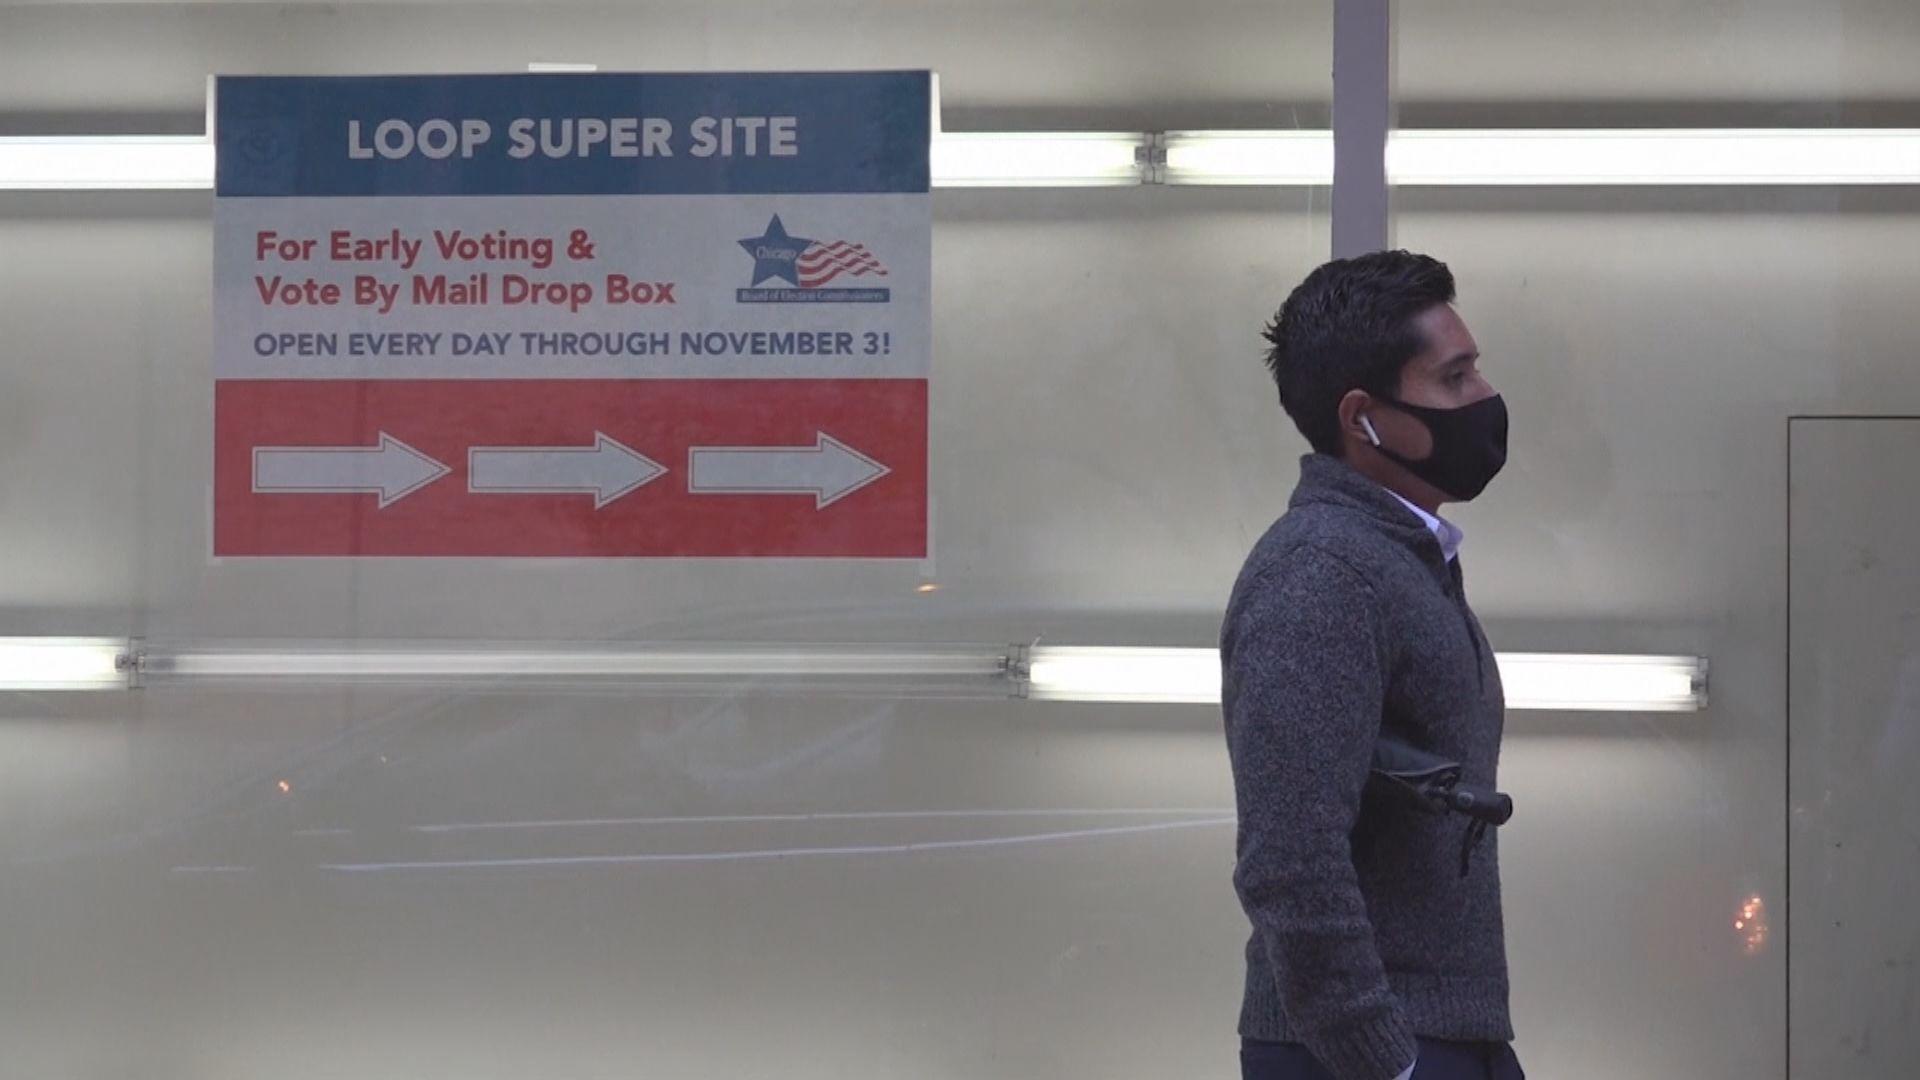 美國大選逾400萬人提前投票 為上屆同時段50倍